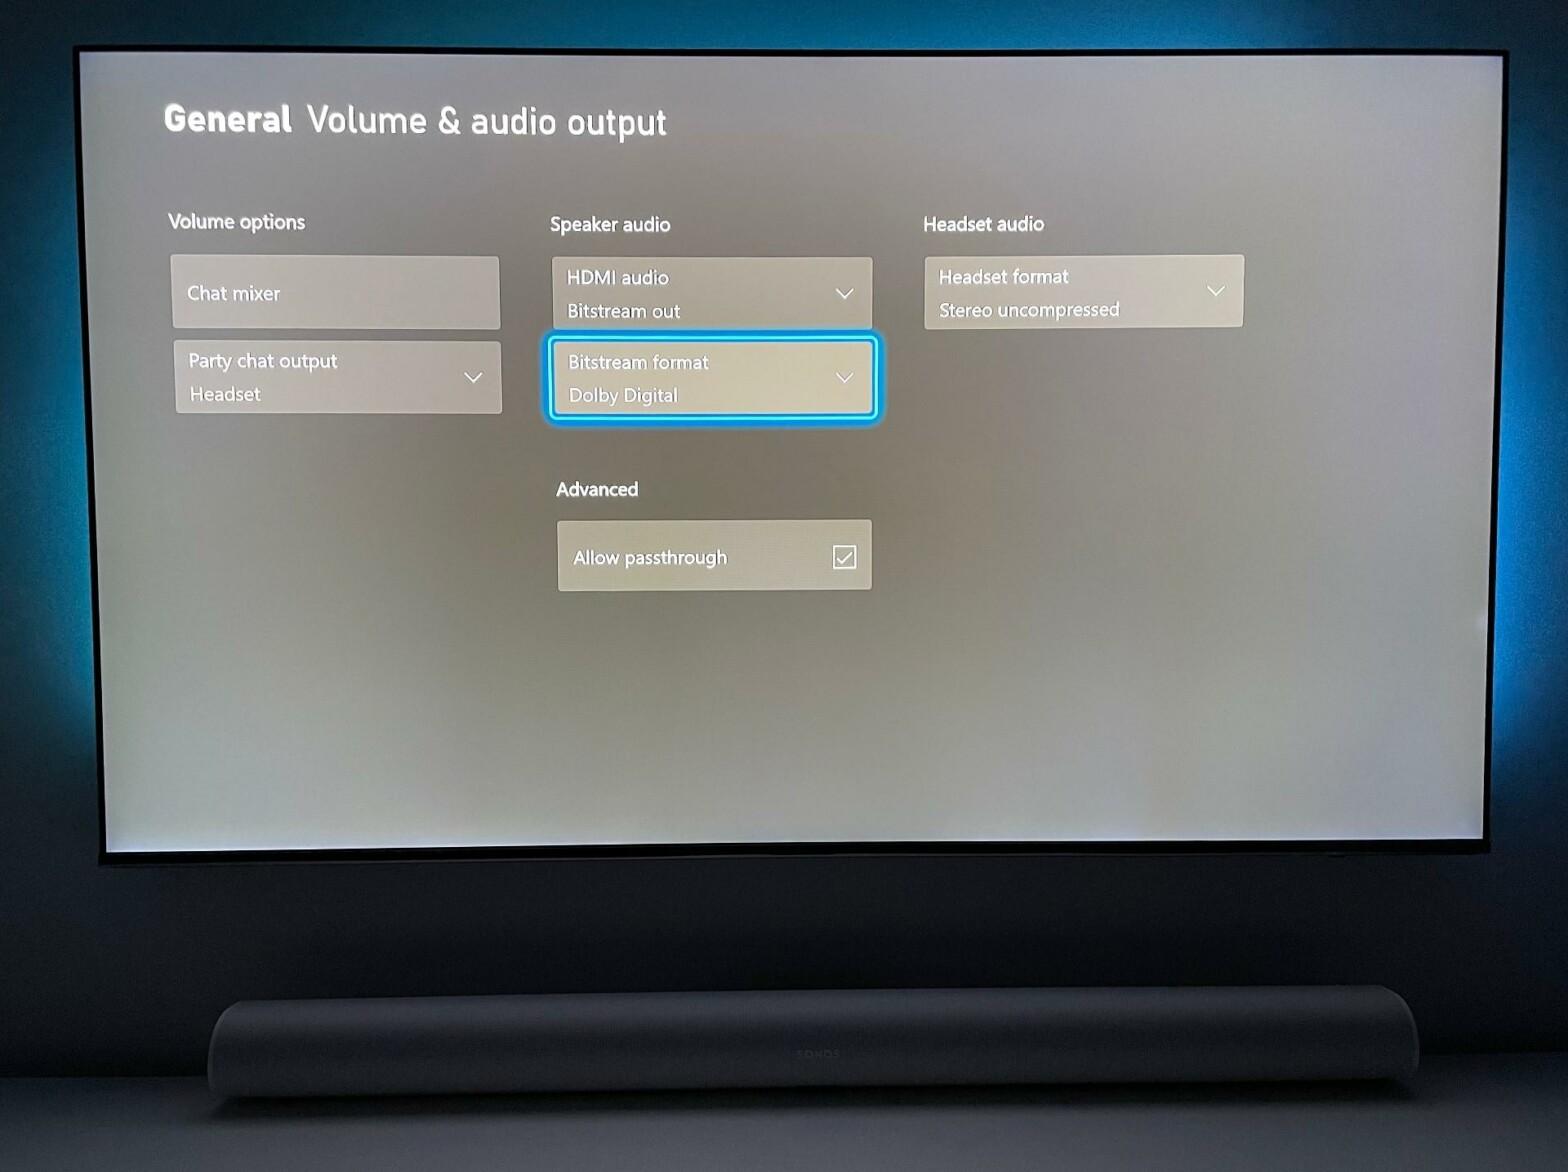 Diese Konfiguration mit Dolby Digital funktioniert